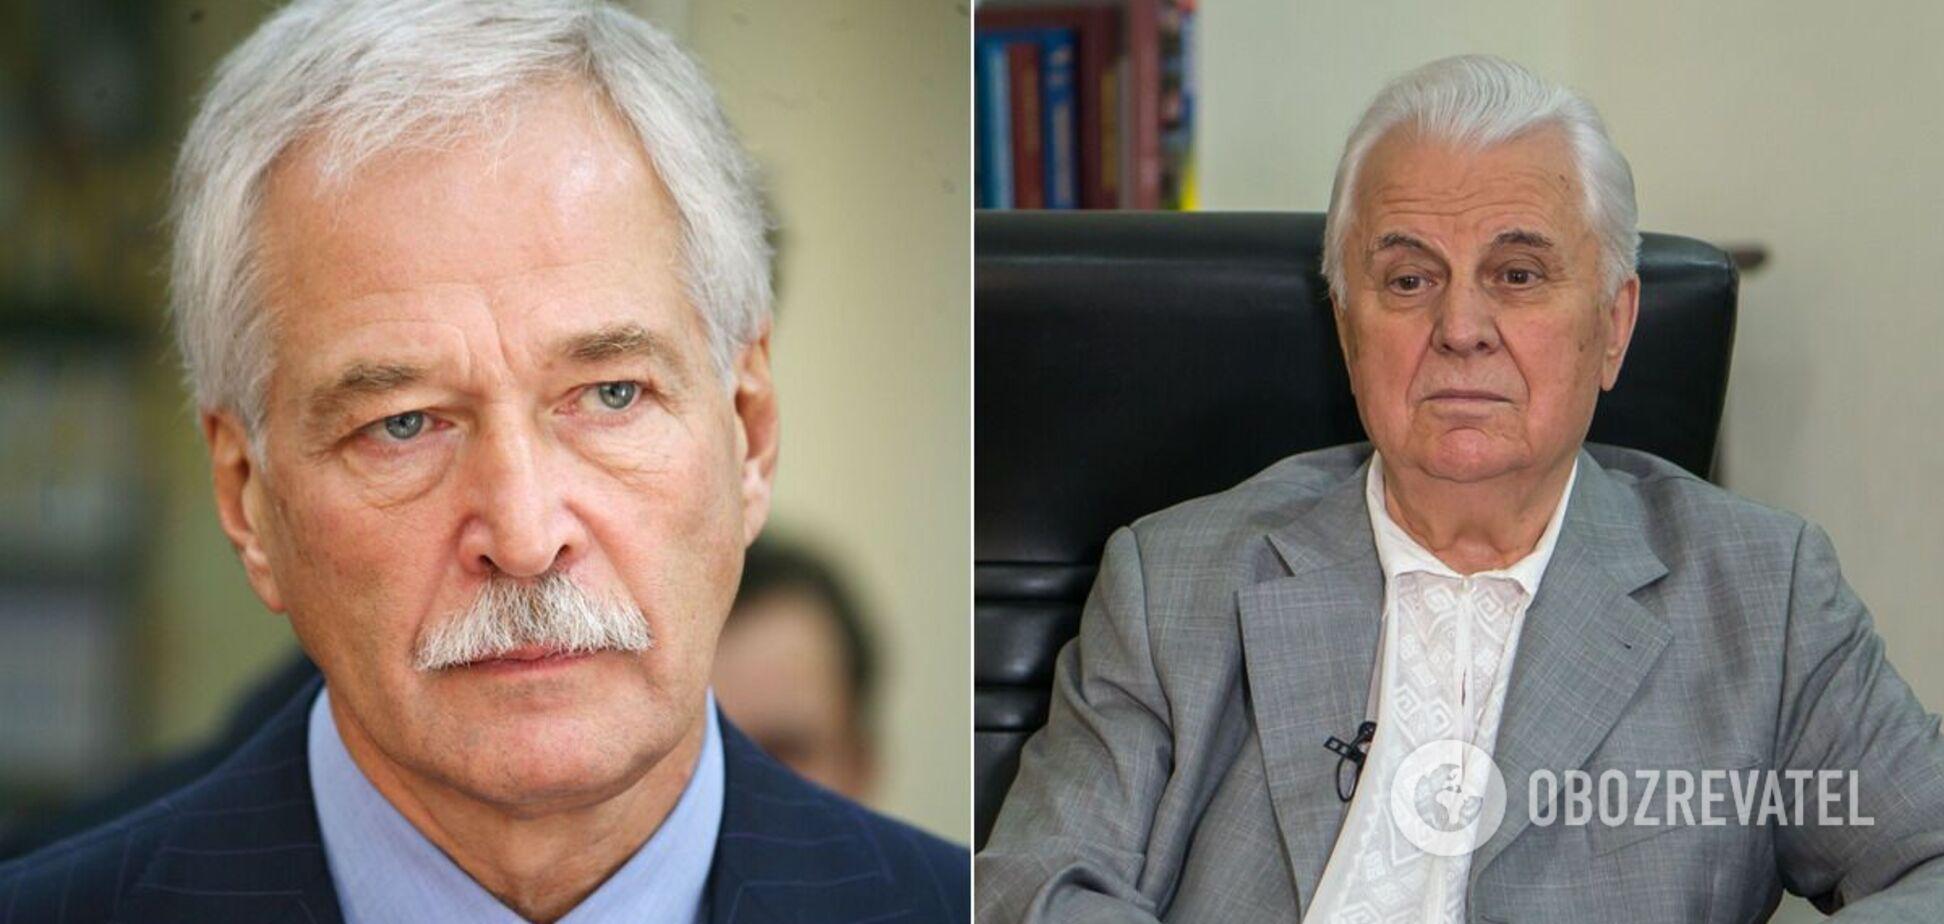 Леонід Кравчук зажадав вибачень від Бориса Гризлова